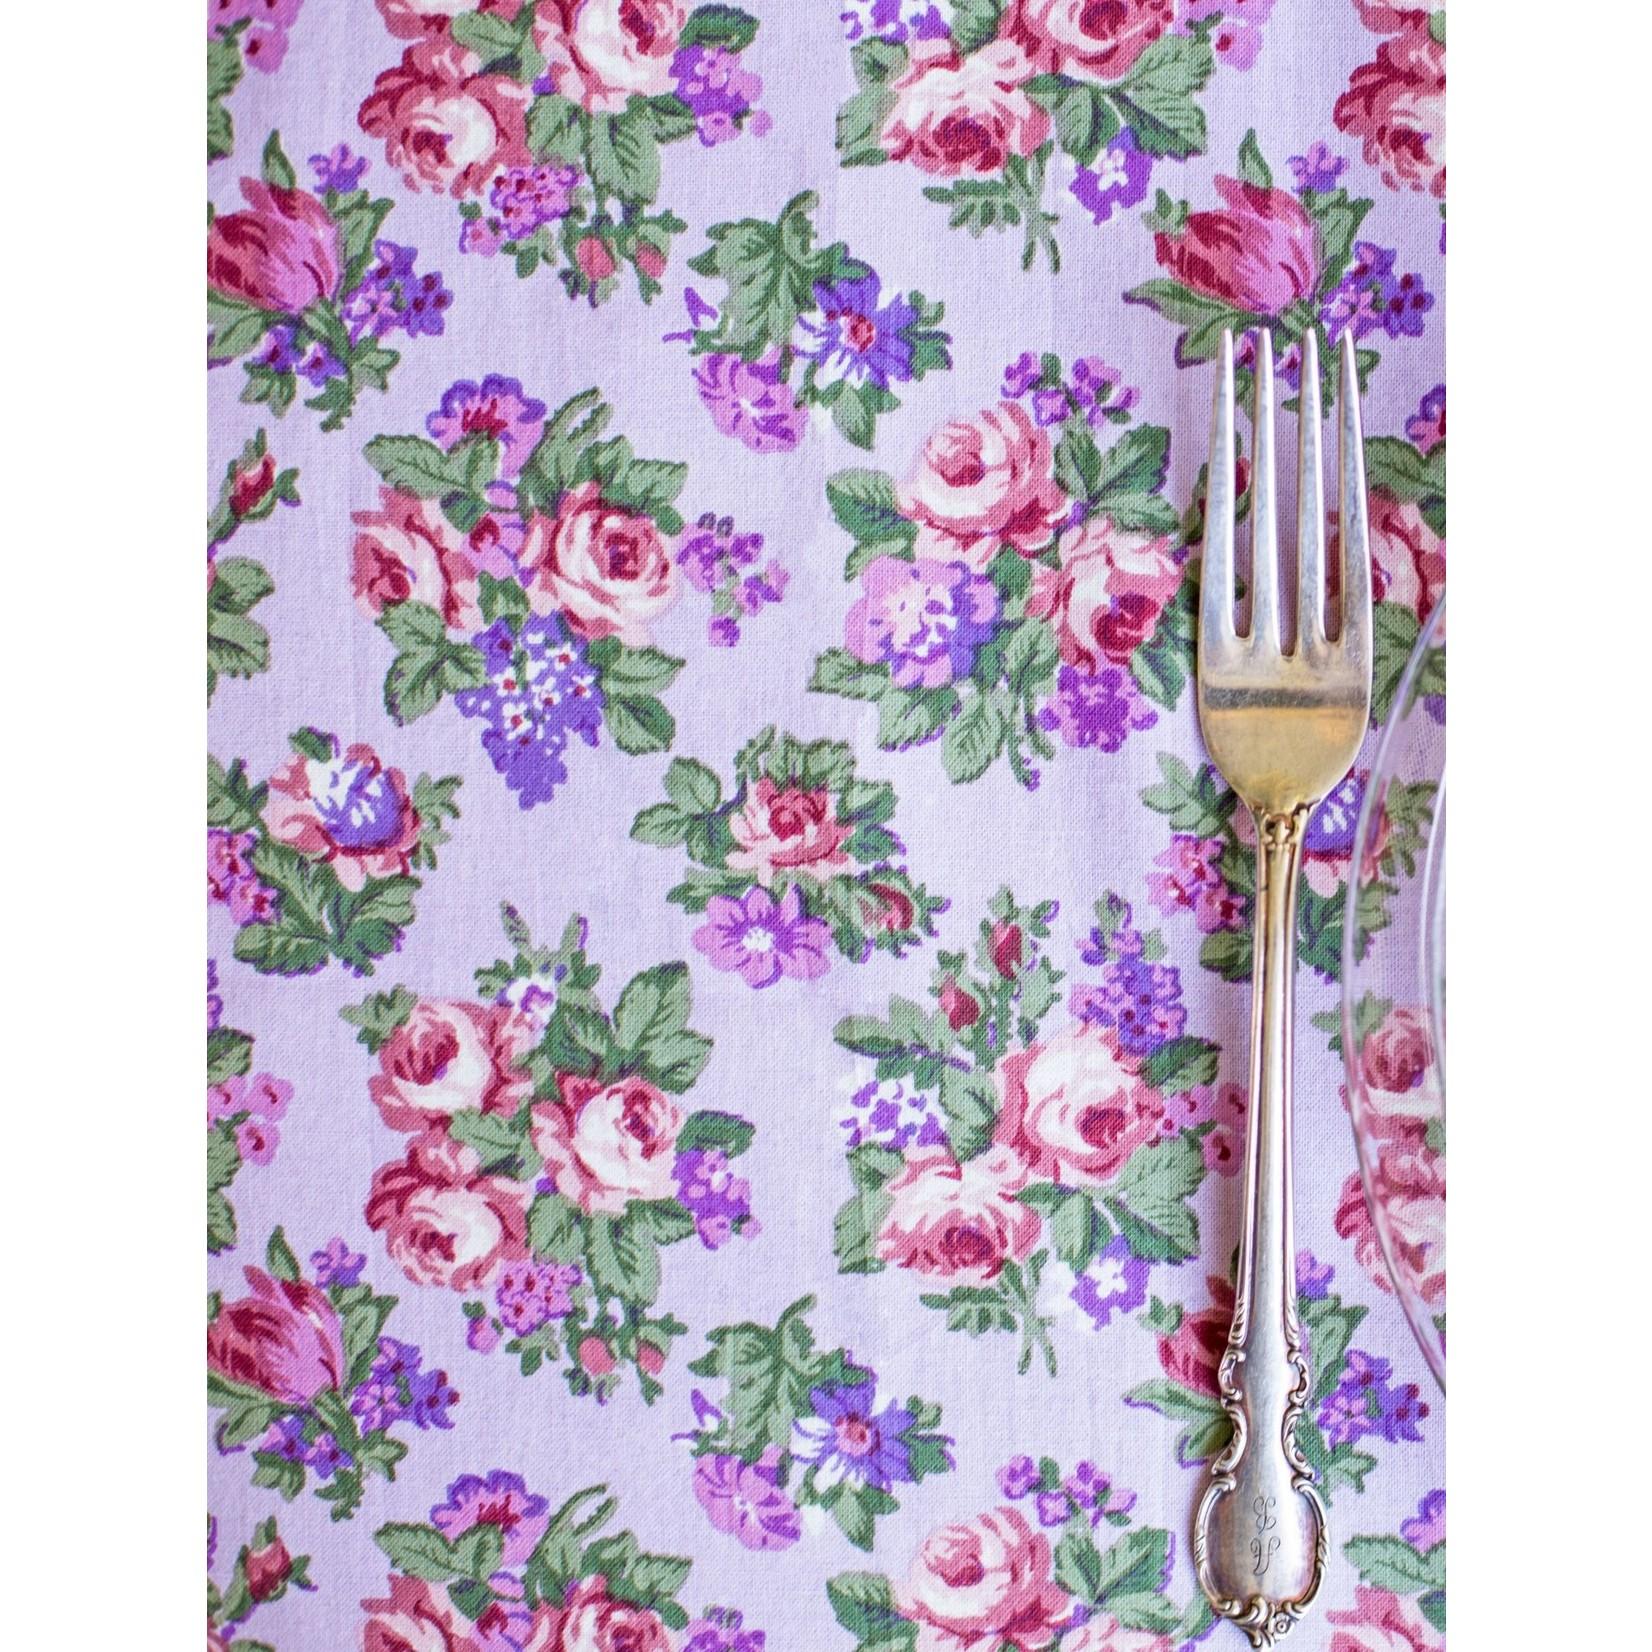 Elizabeth's Garden Tablecloth - Lavender